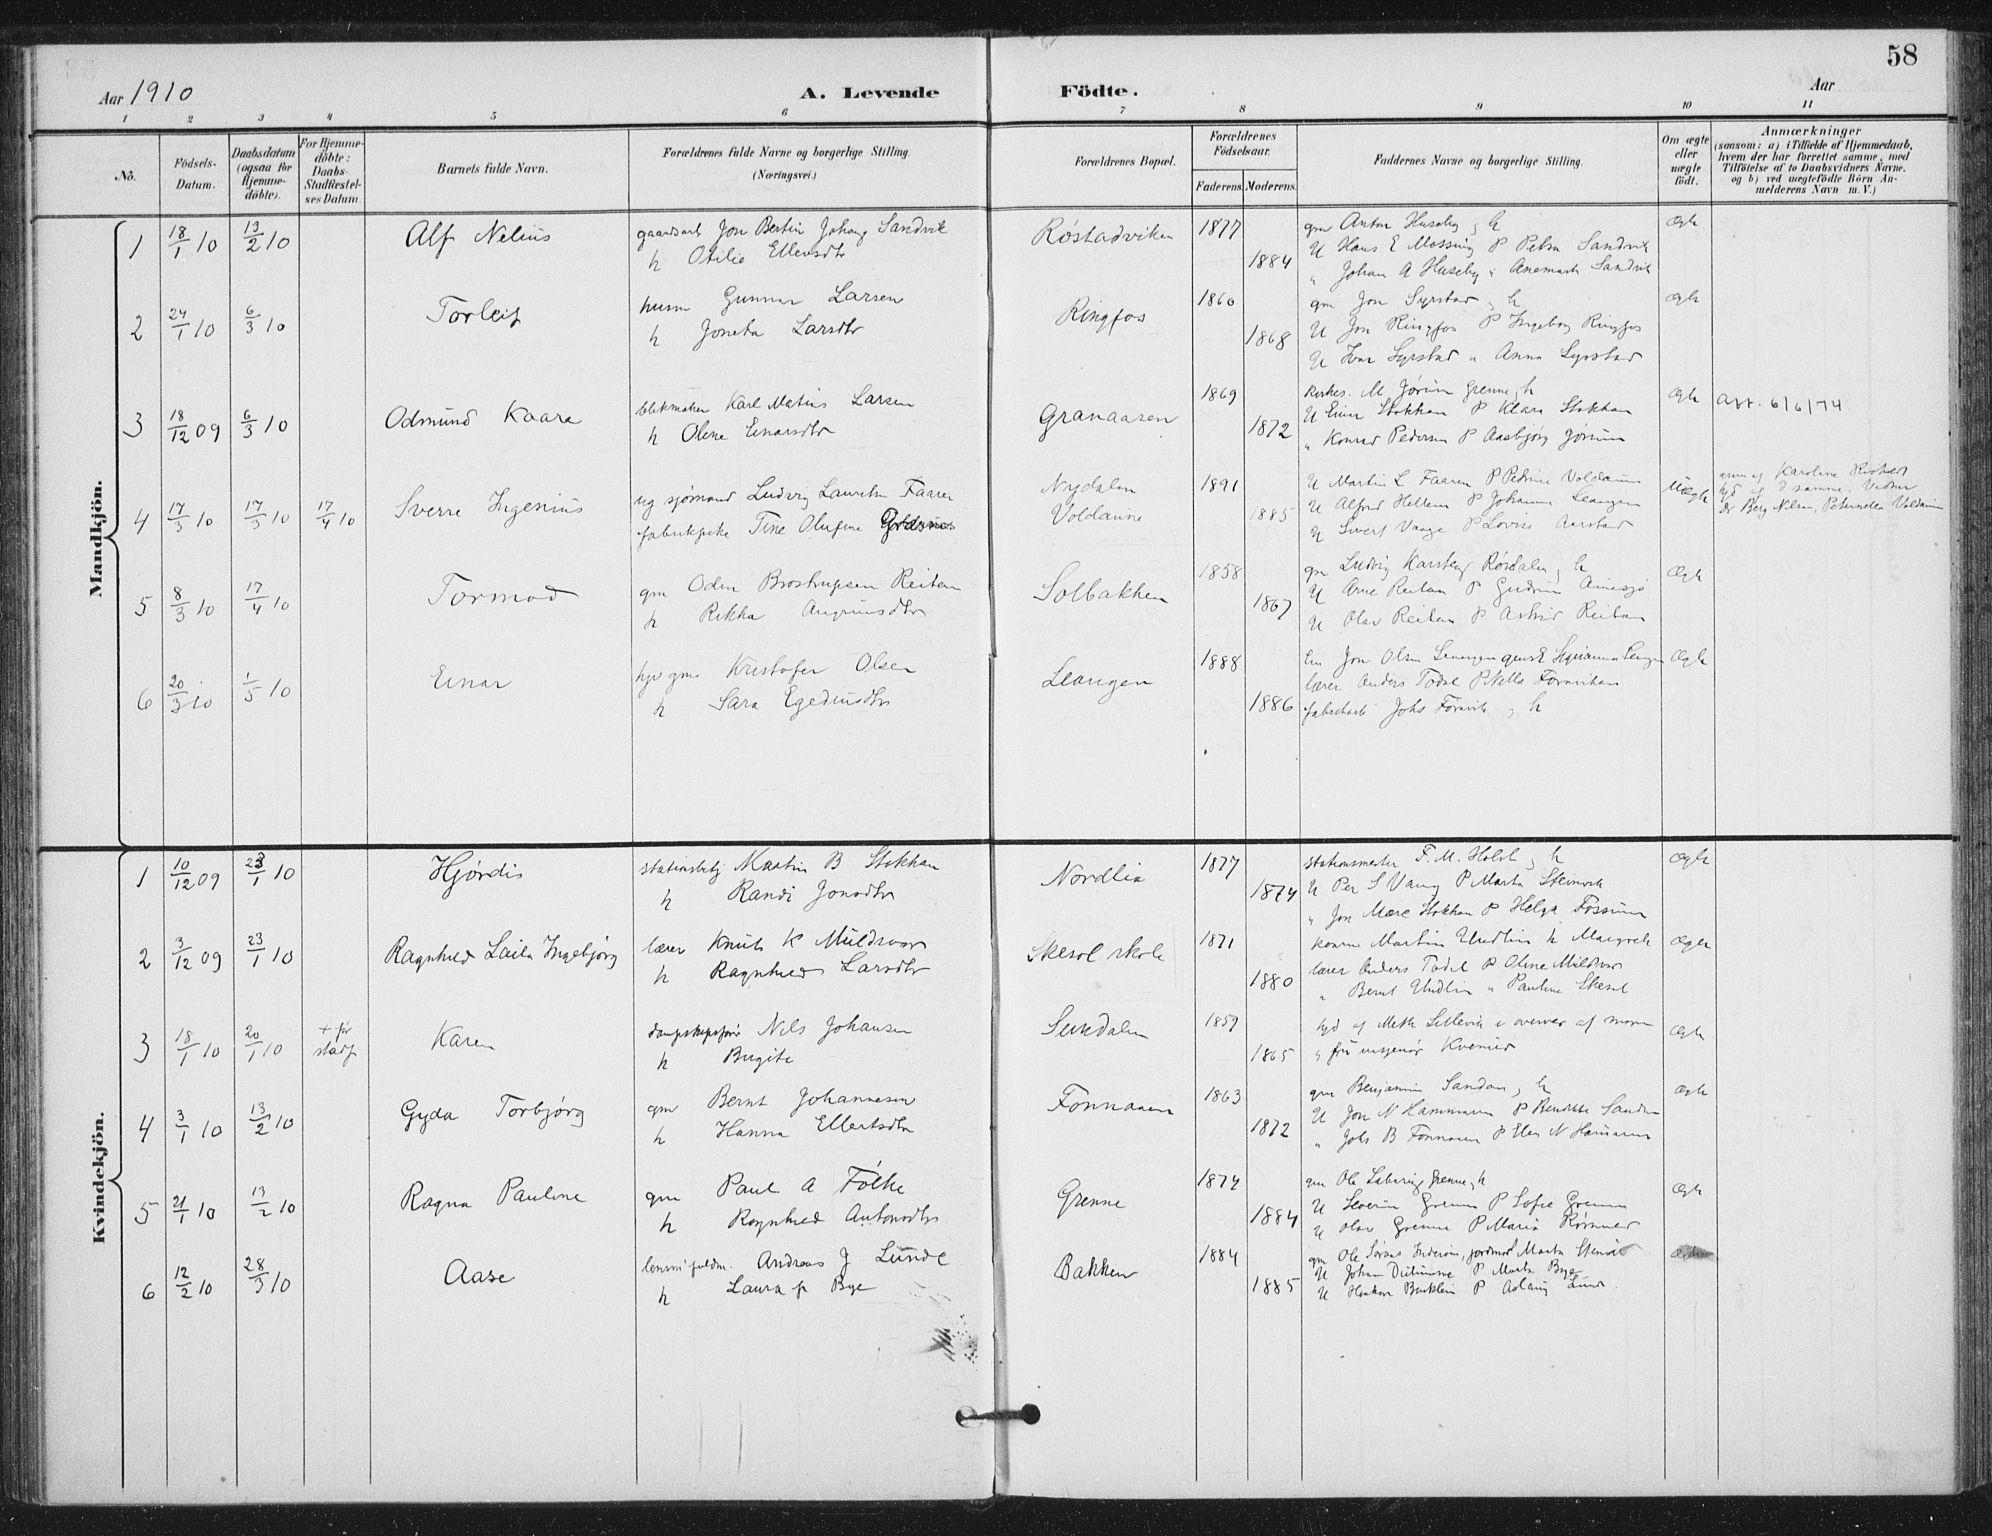 SAT, Ministerialprotokoller, klokkerbøker og fødselsregistre - Nord-Trøndelag, 714/L0131: Ministerialbok nr. 714A02, 1896-1918, s. 58